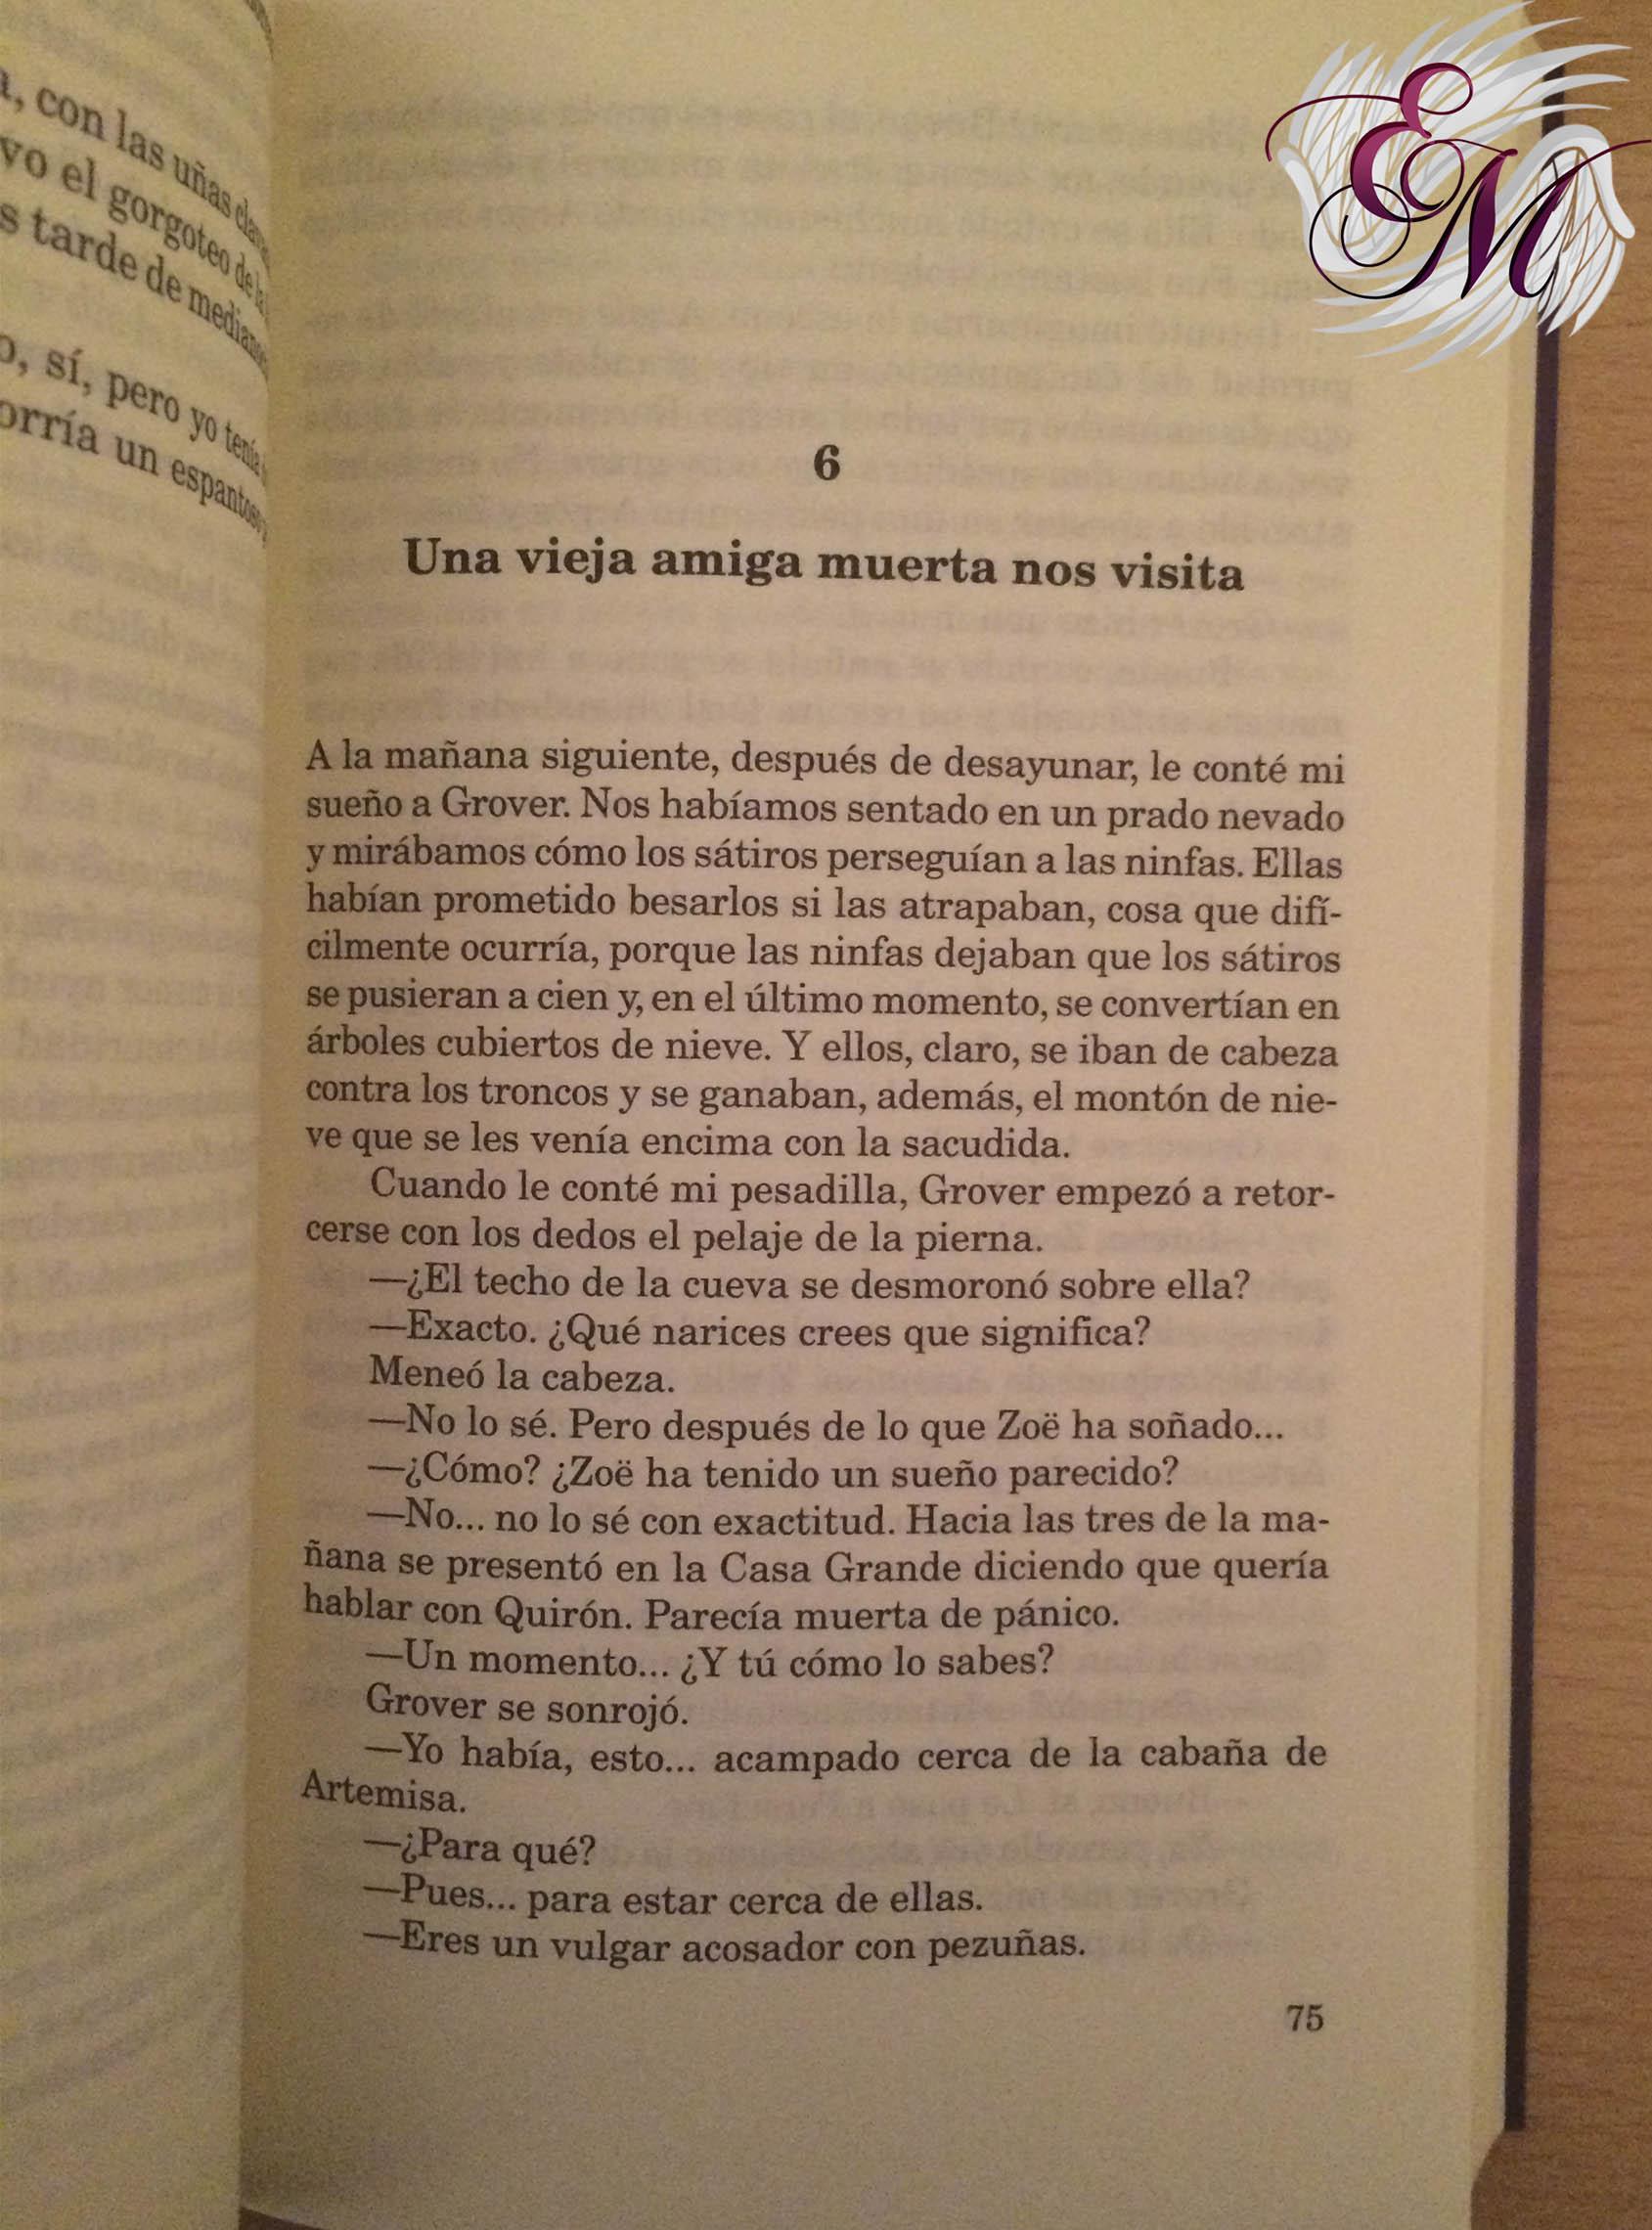 Percy Jackson y la maldición del Titán, de Rick Riordan - Reseña